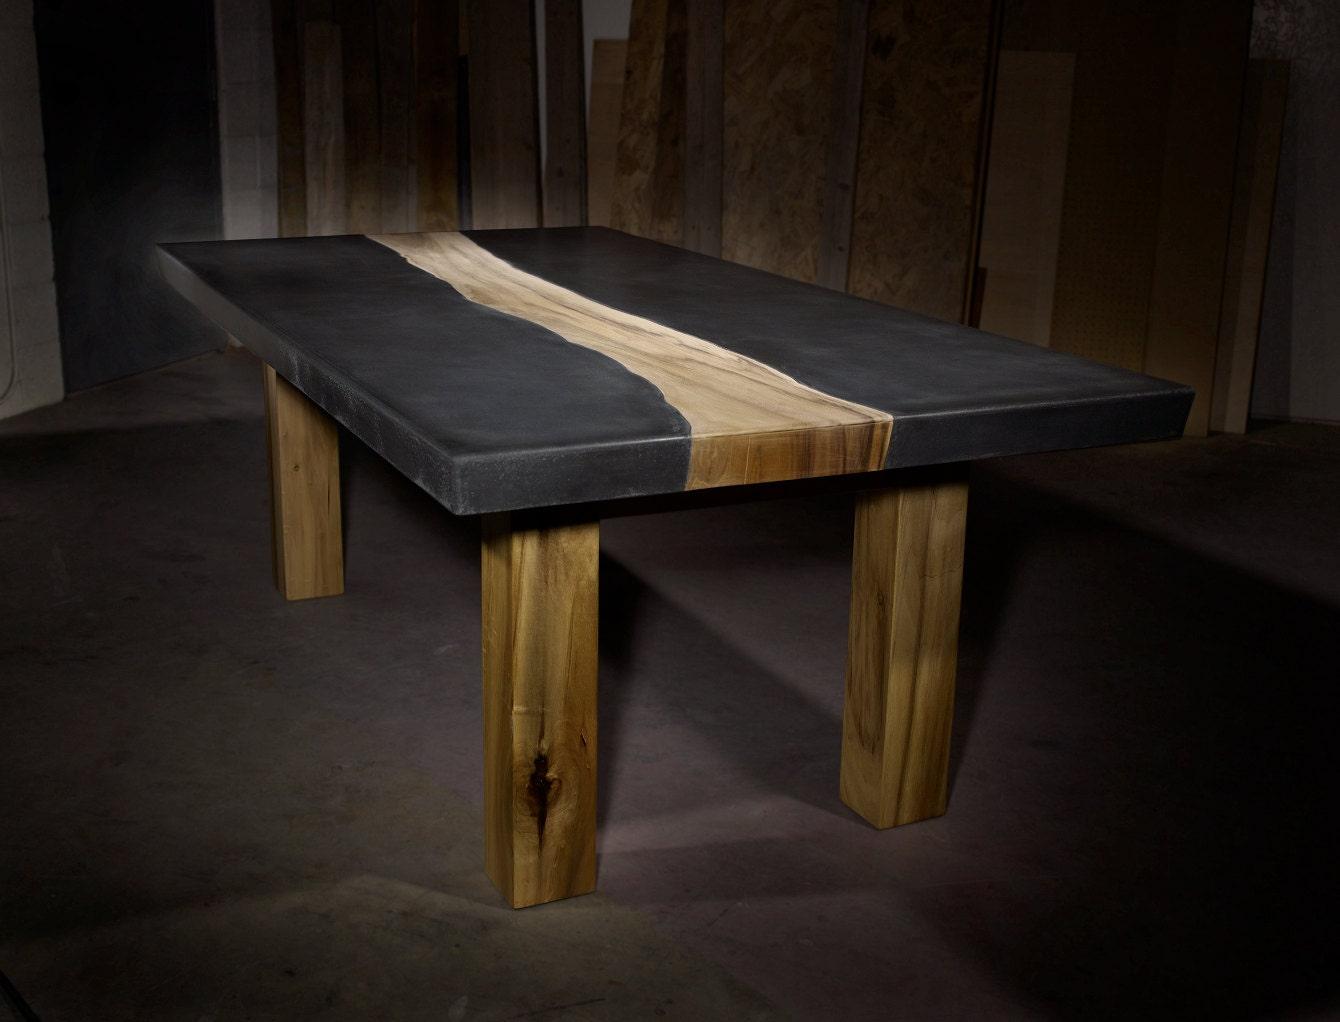 beton tisch mit holz inlay. Black Bedroom Furniture Sets. Home Design Ideas